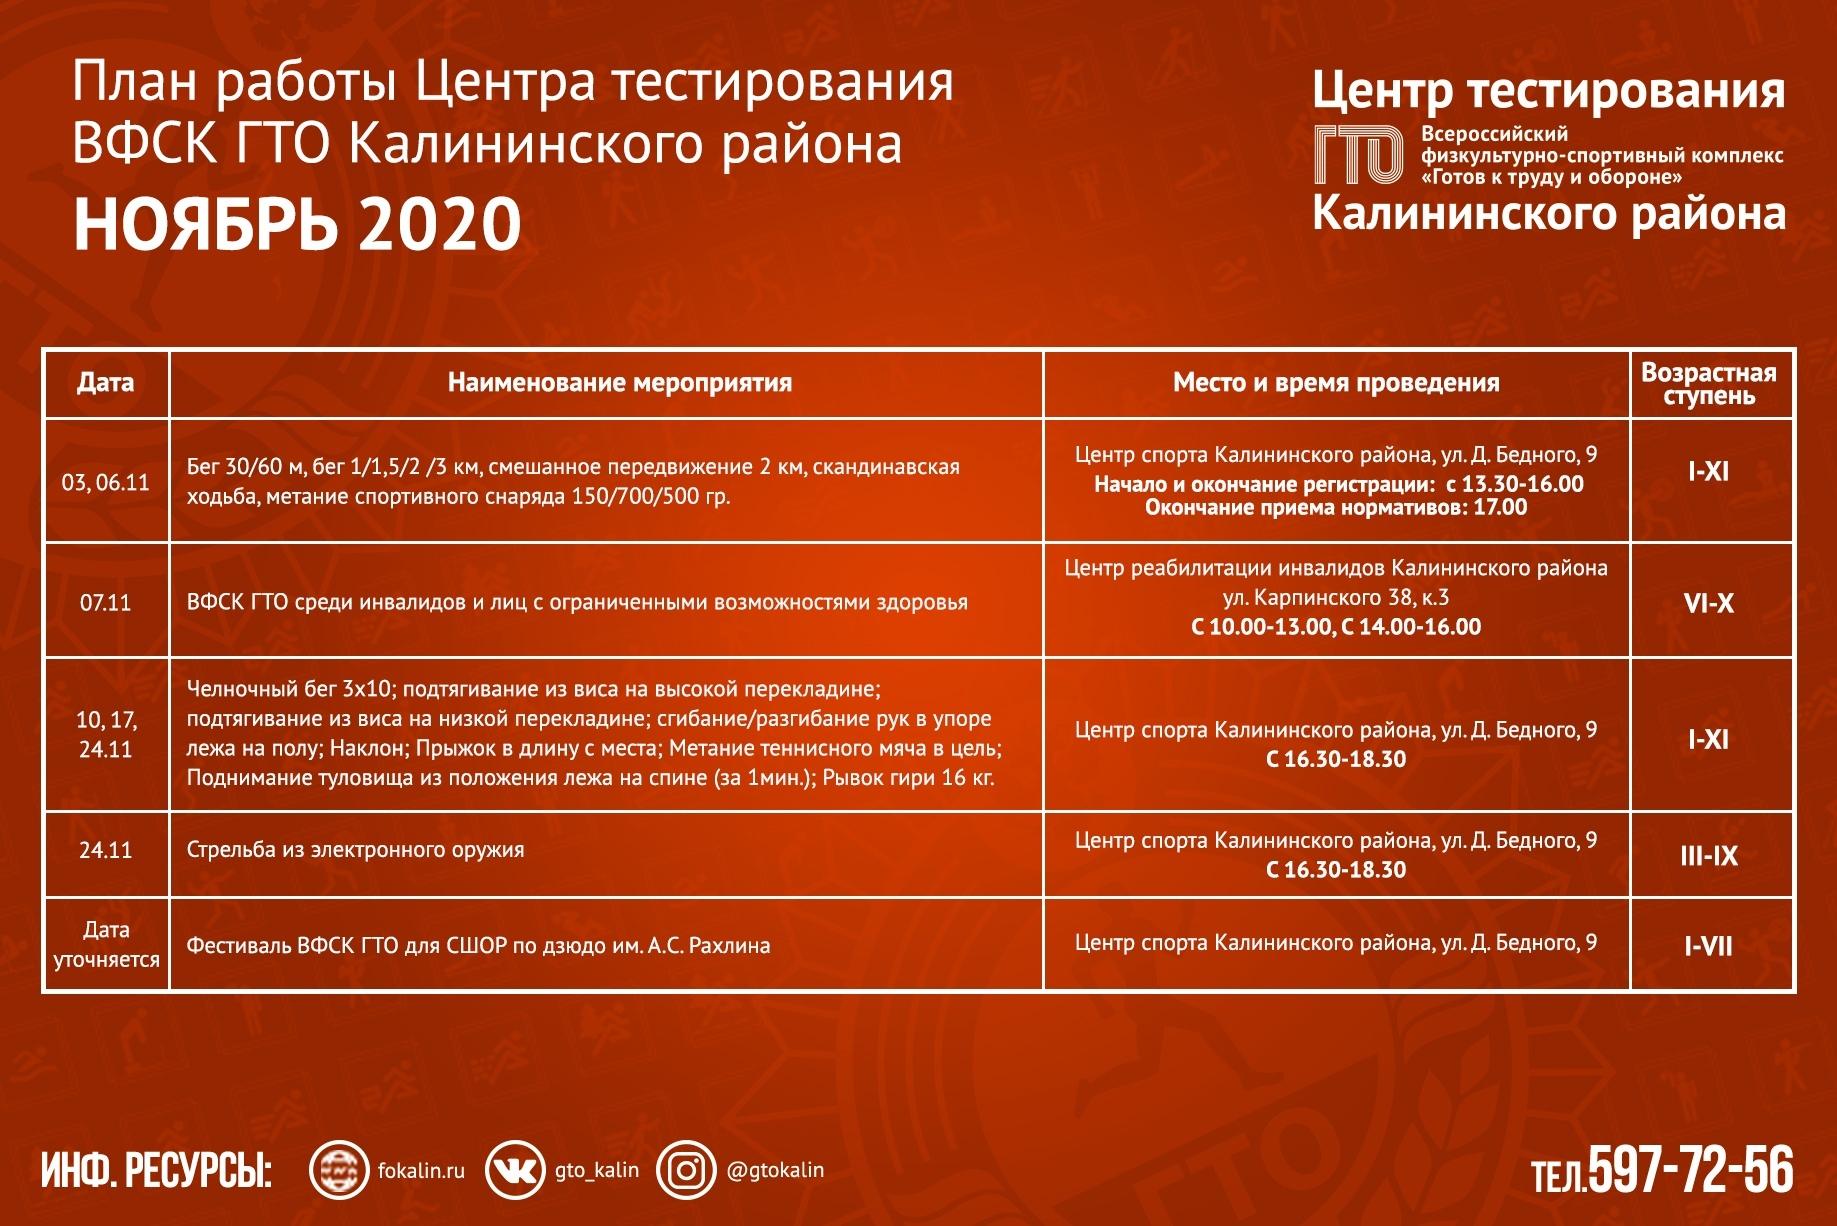 Расписание работы отдела ГТО на Ноябрь 2020 года!